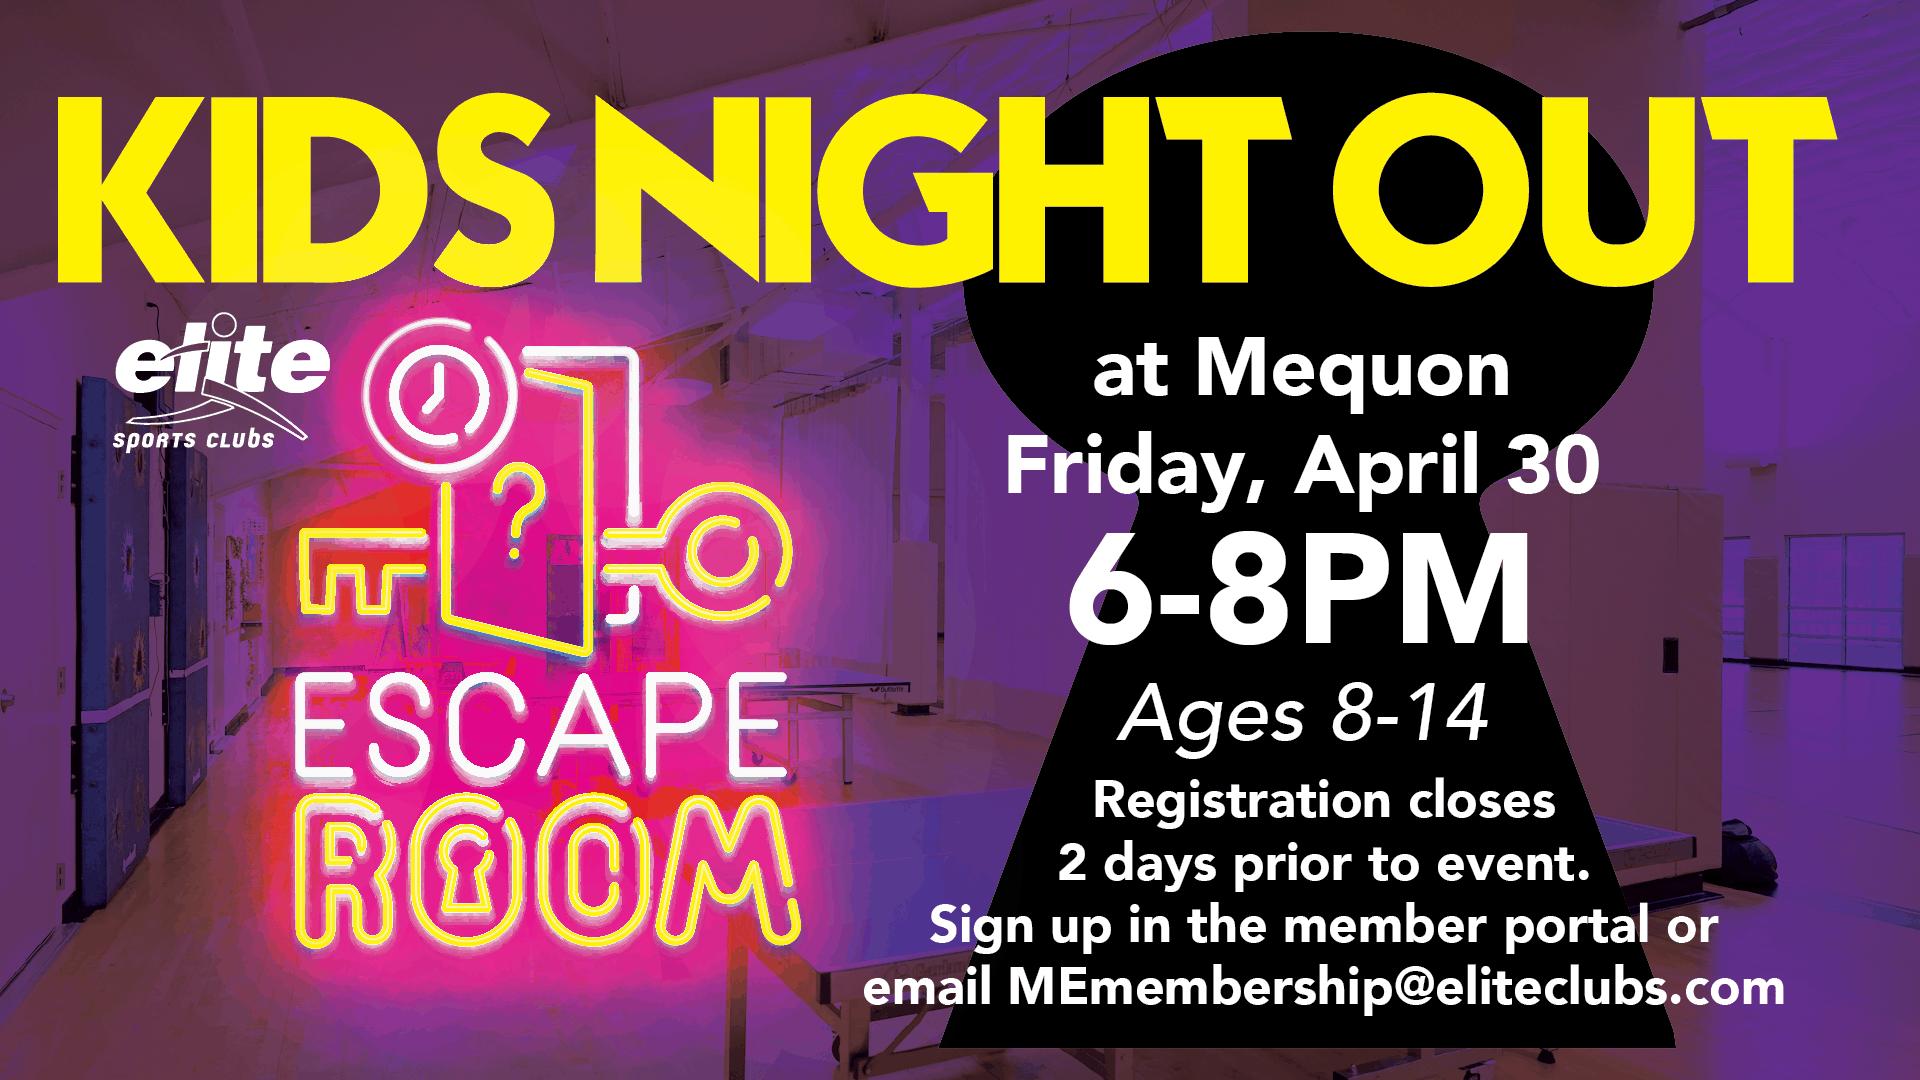 Kids Night Out Escape Room - Elite Mequon - April 2021